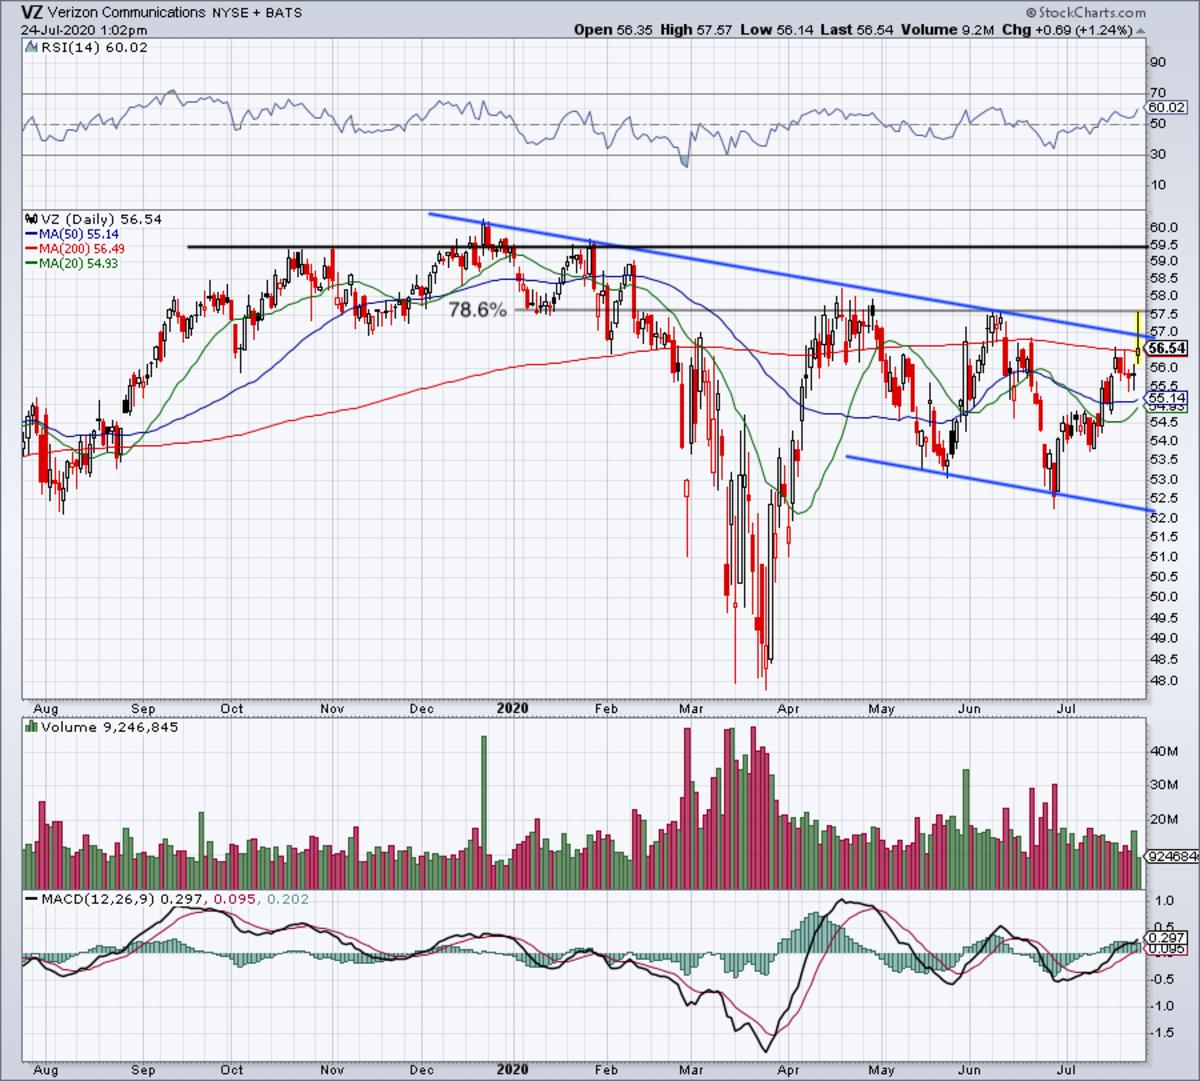 Daily chart of Verizon stock.